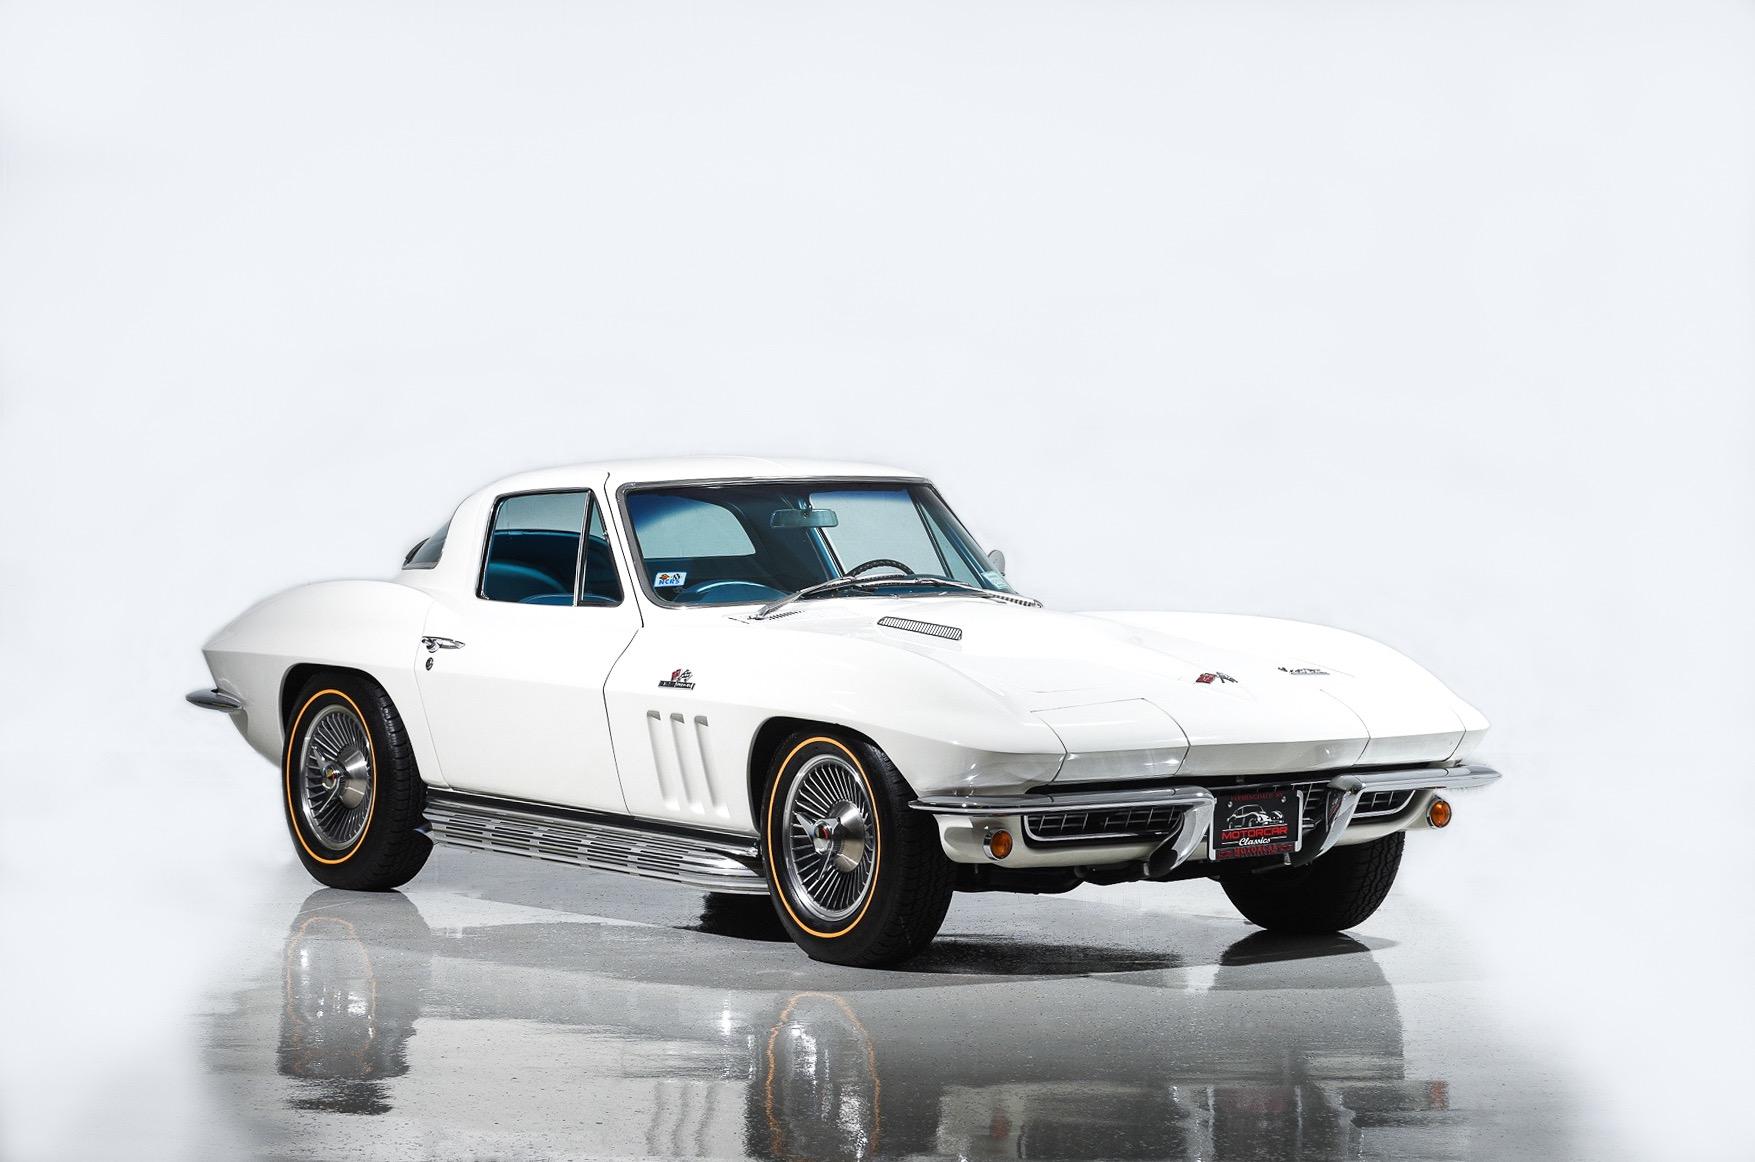 Used 1966 Chevrolet Corvette Stingray For Sale ($149,900